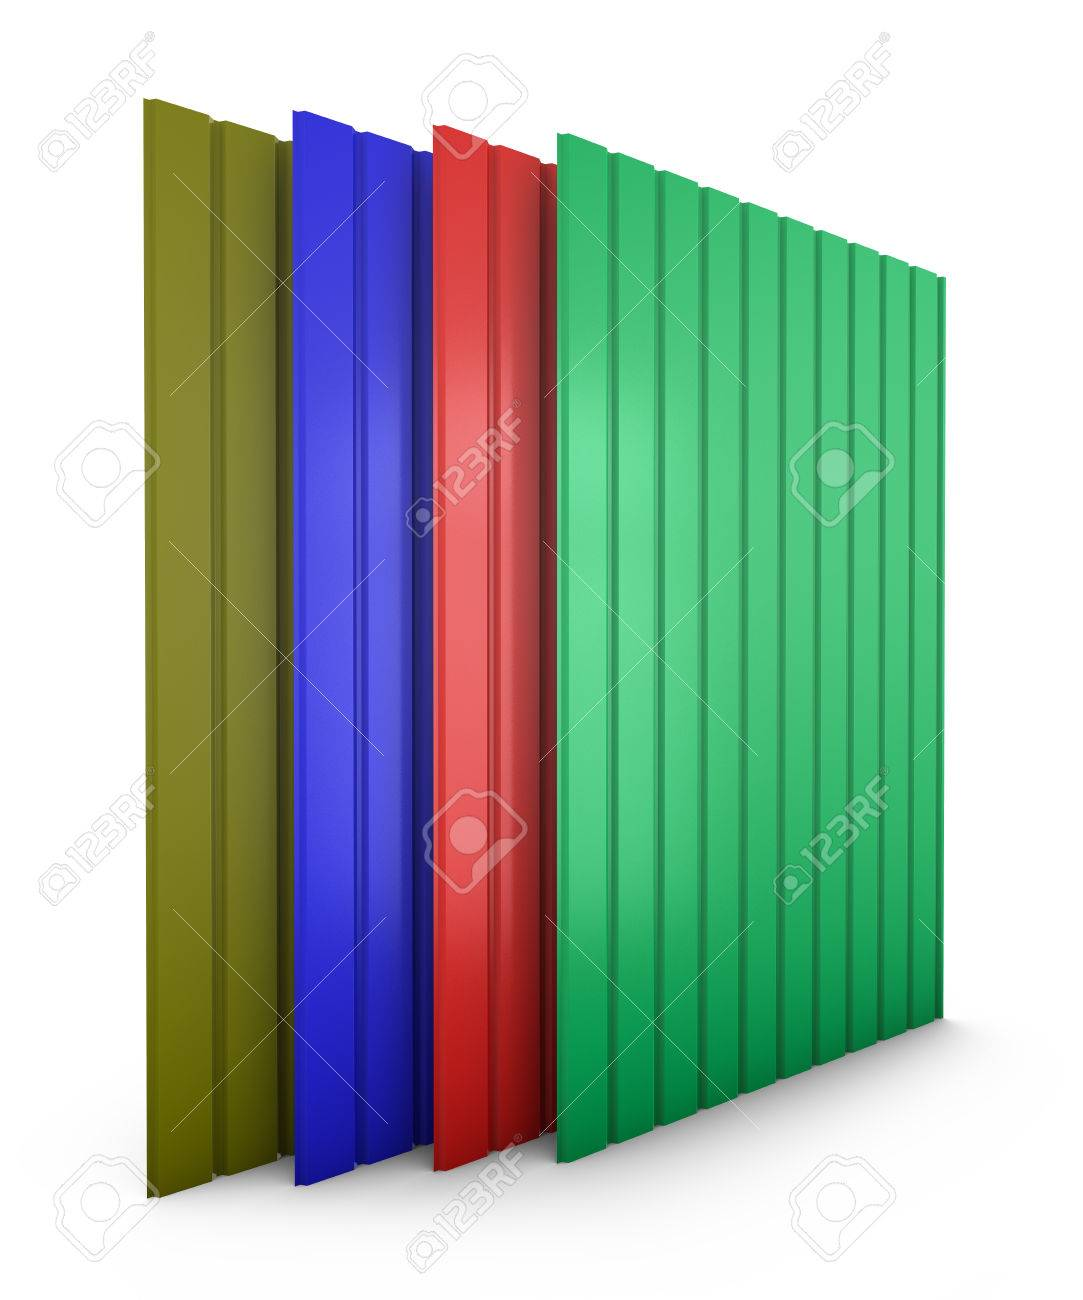 Una Pila De Hojas De Perfil Metálico De Color. 3d. Fotos, Retratos ...